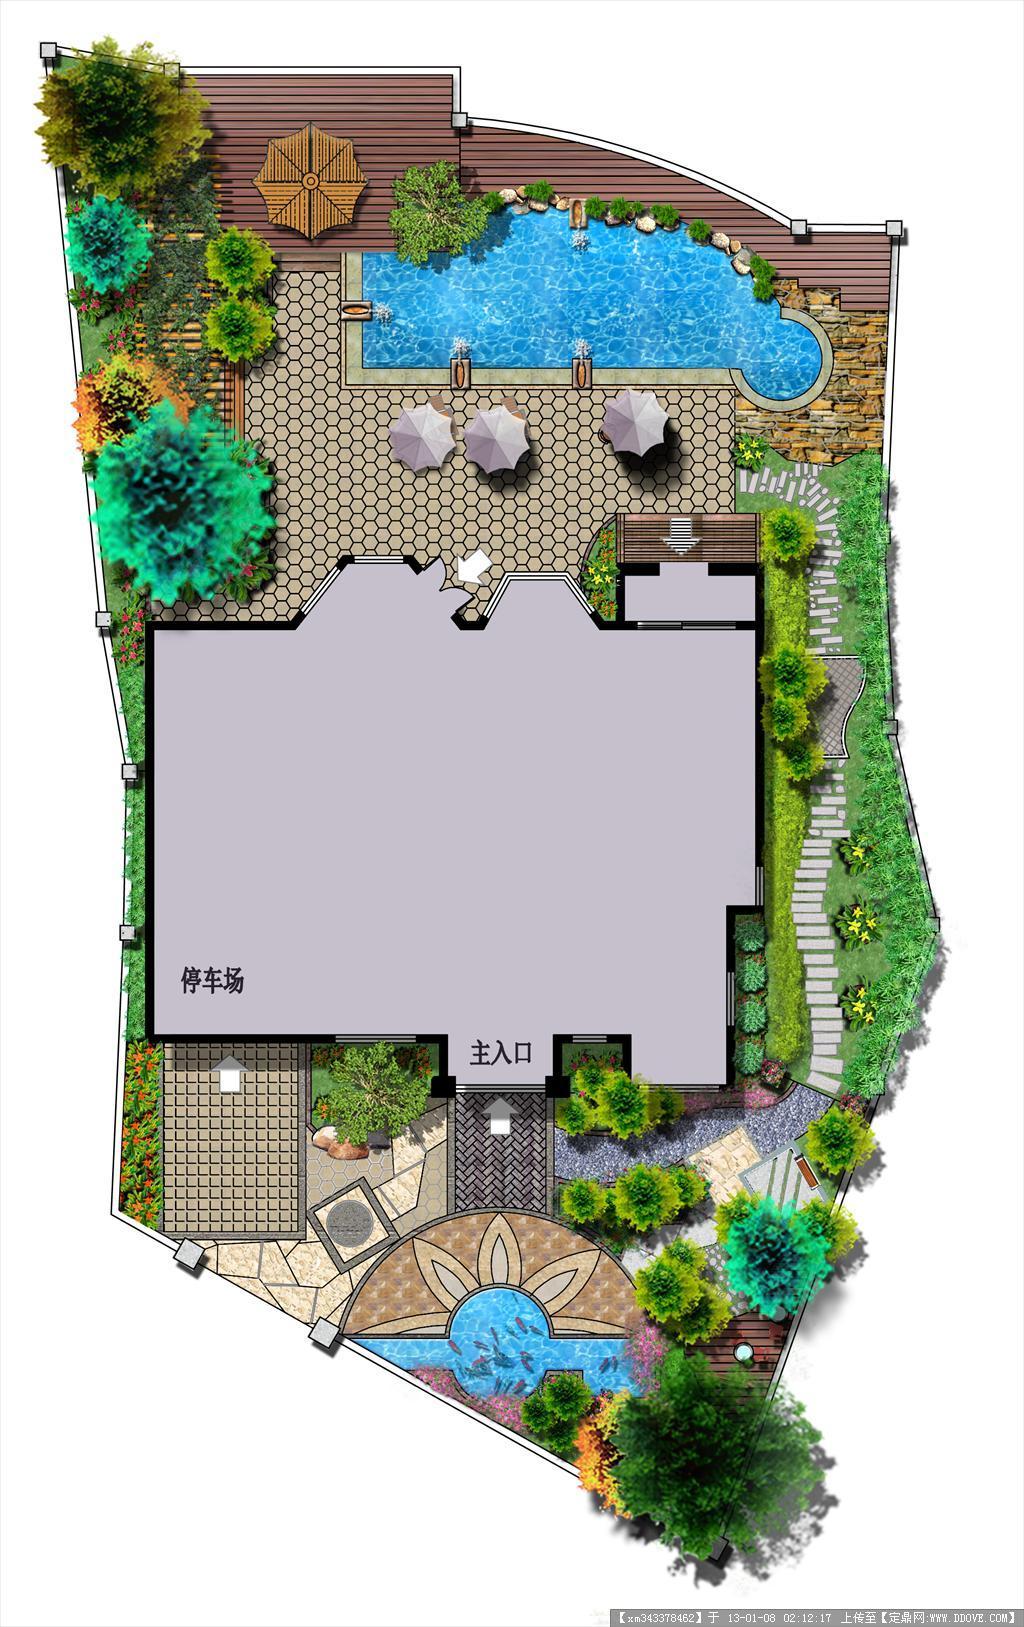 长沙别墅庭院方案图的下载地址,园林方案设计,花园,.图片